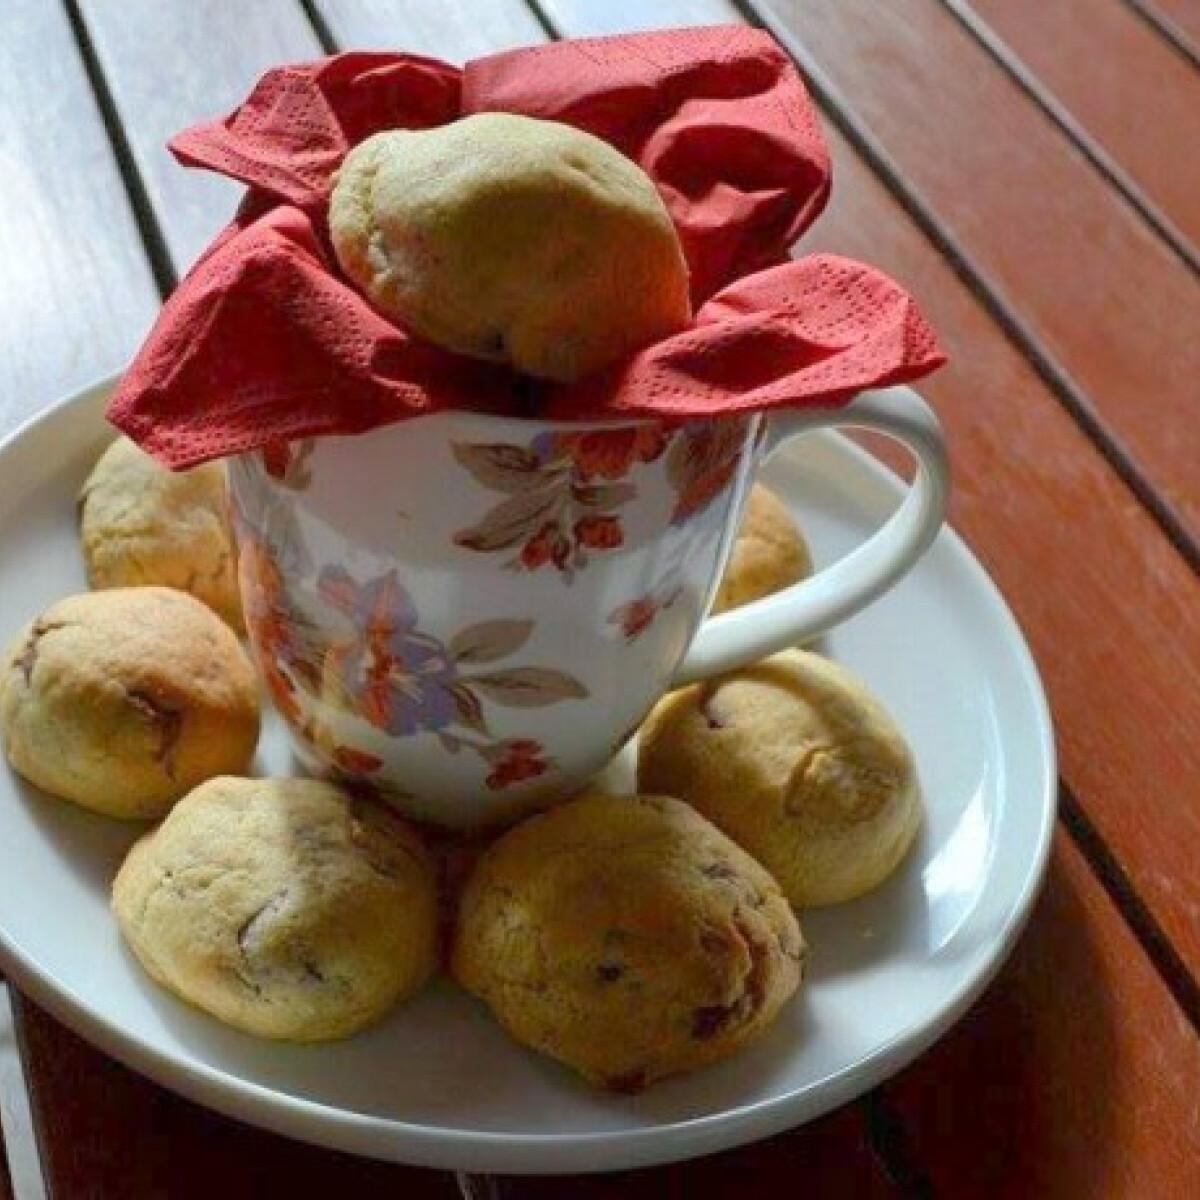 Nutellával töltött keksz Lilo konyhájából